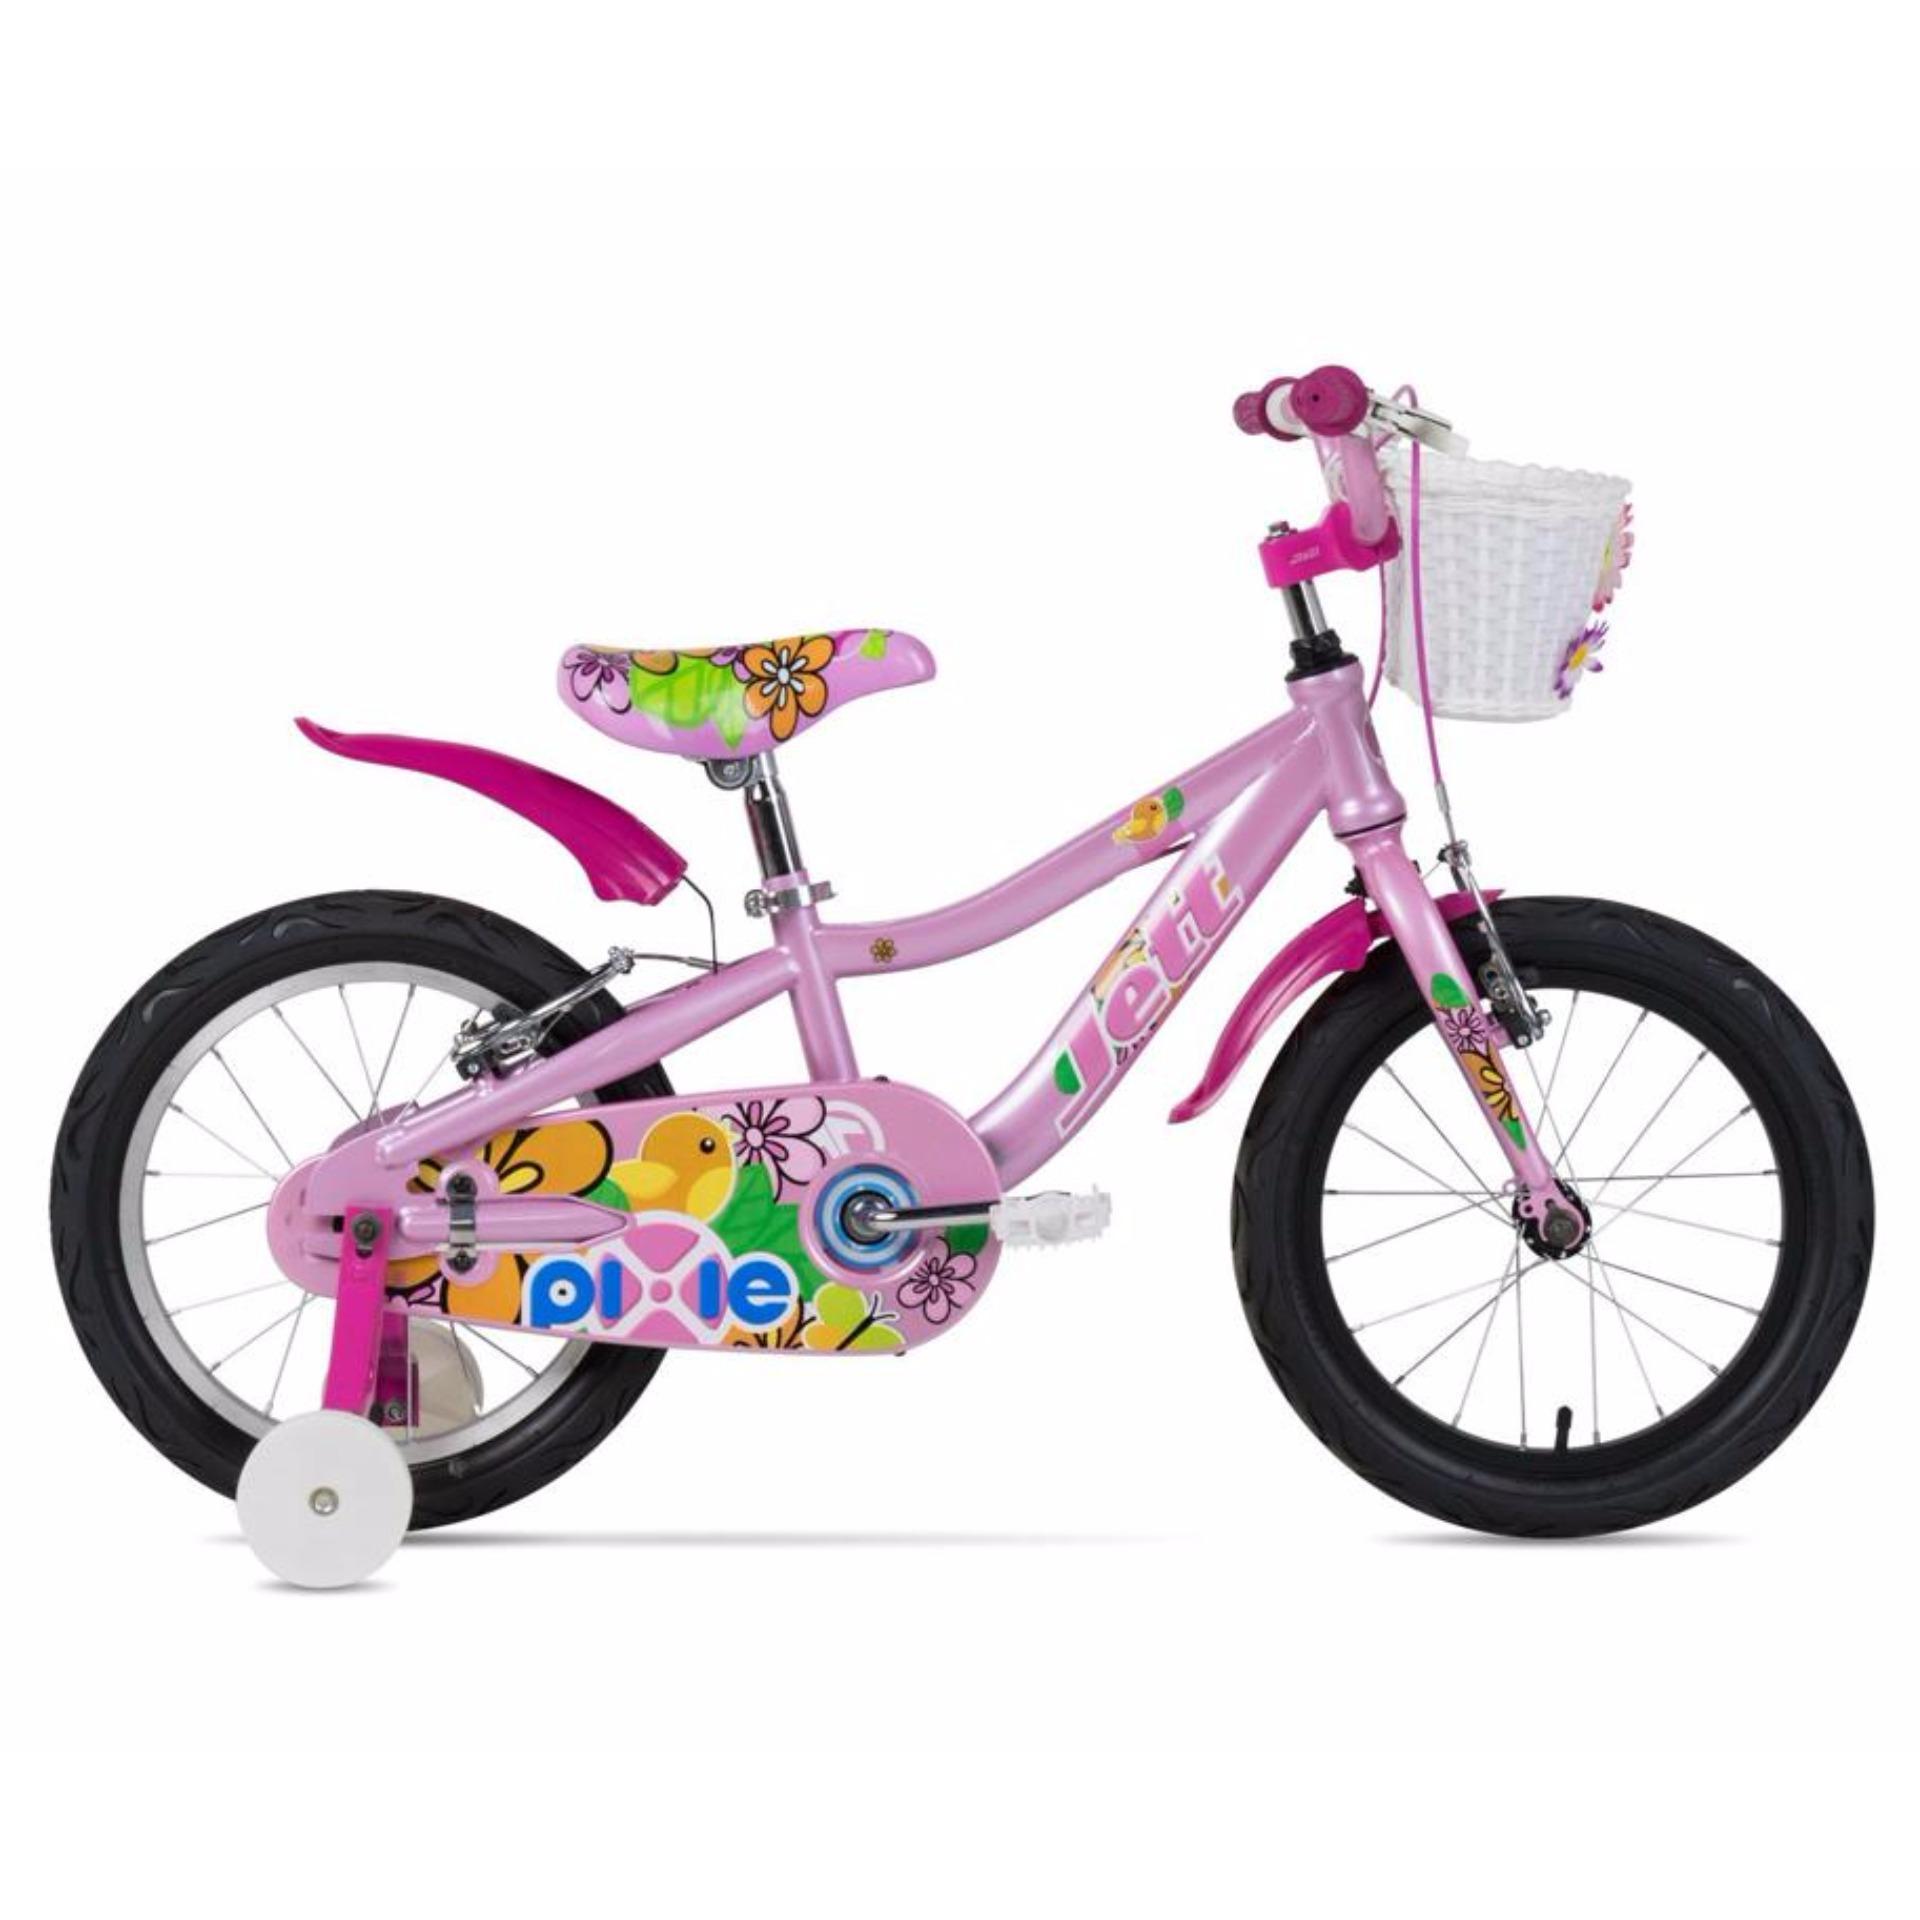 Xe Đạp Trẻ em Jett Cycles Pixie (Hồng)